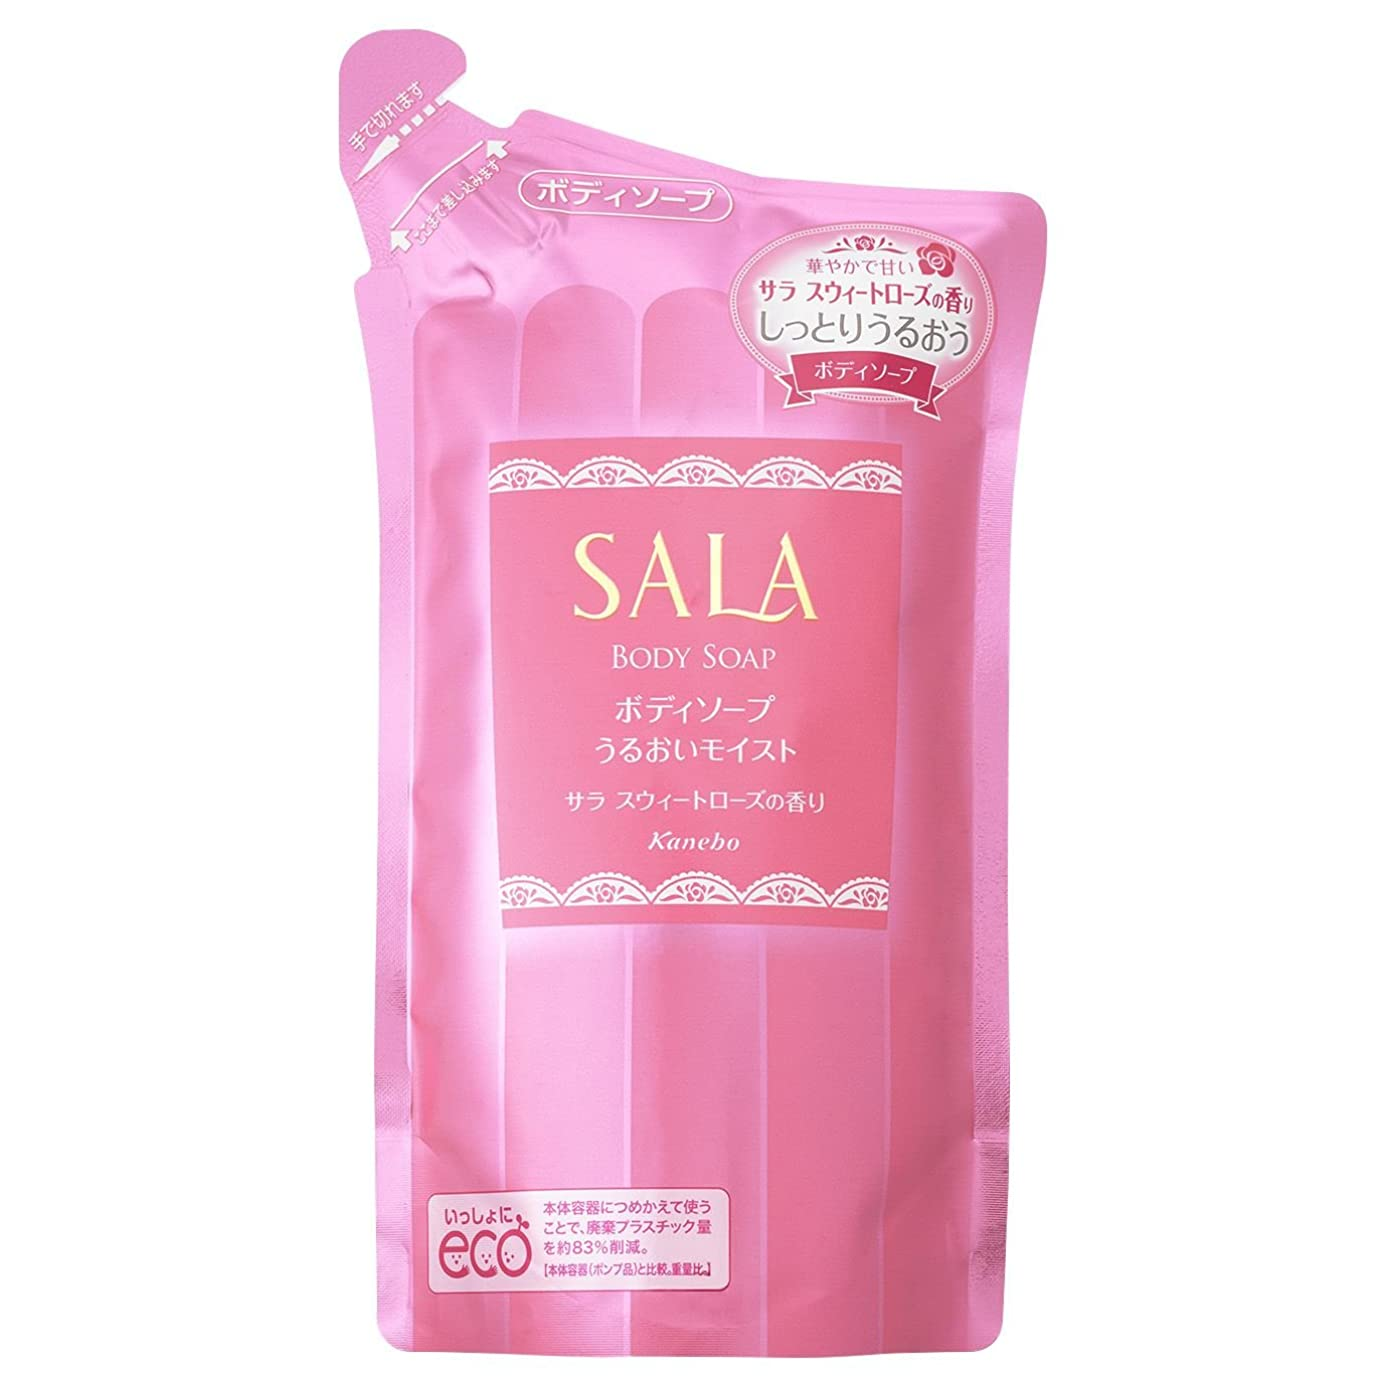 インスタンス暖かく影響するサラ ボディソープ うるおいモイスト つめかえ用 サラスウィートローズの香り